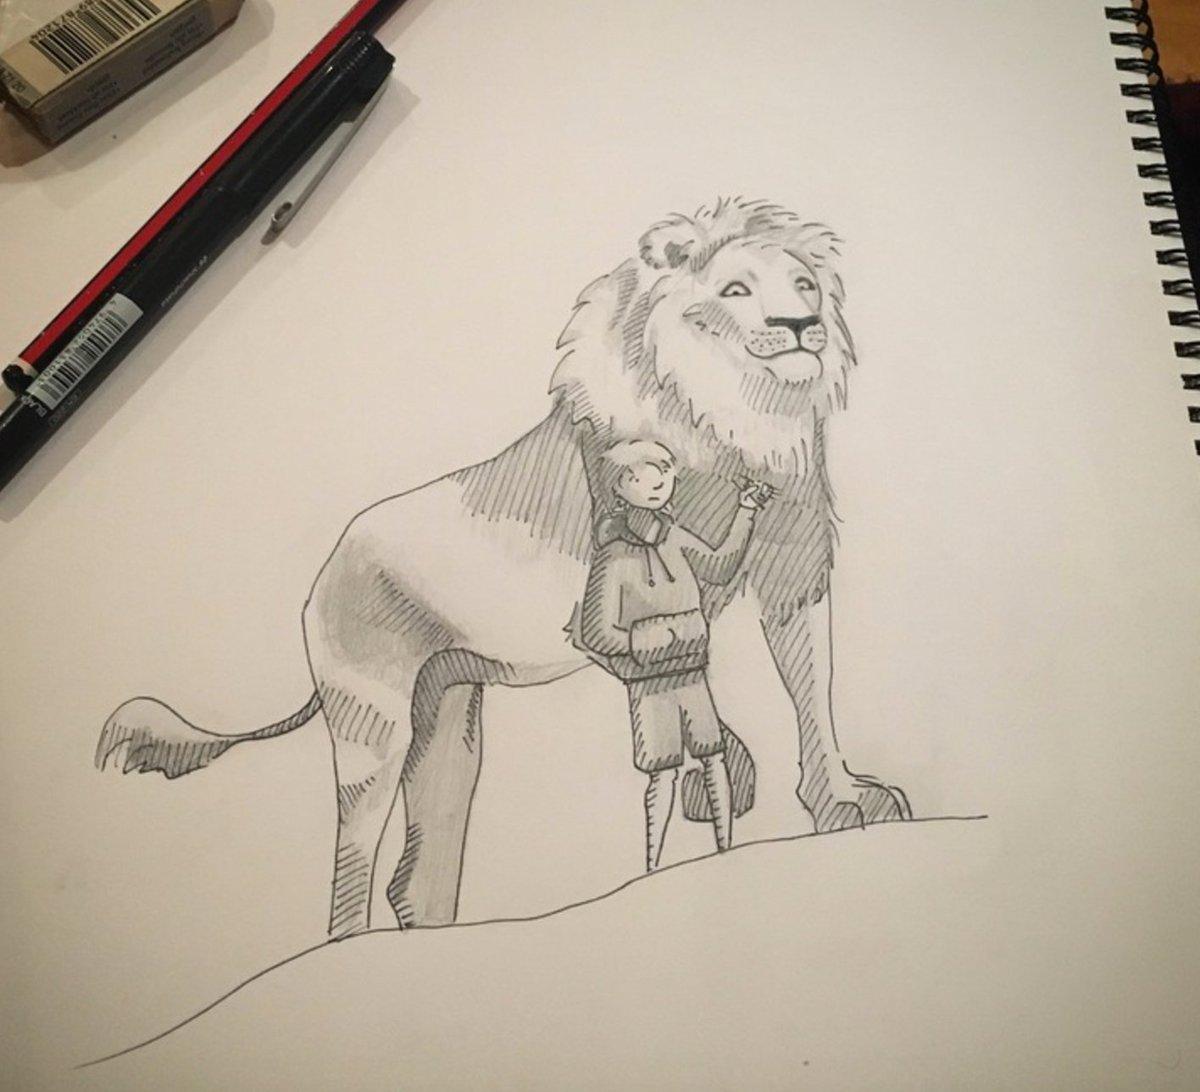 Boy + Lion  https://t.co/sZWqAlh3HQ https://t.co/EjACkM49zO